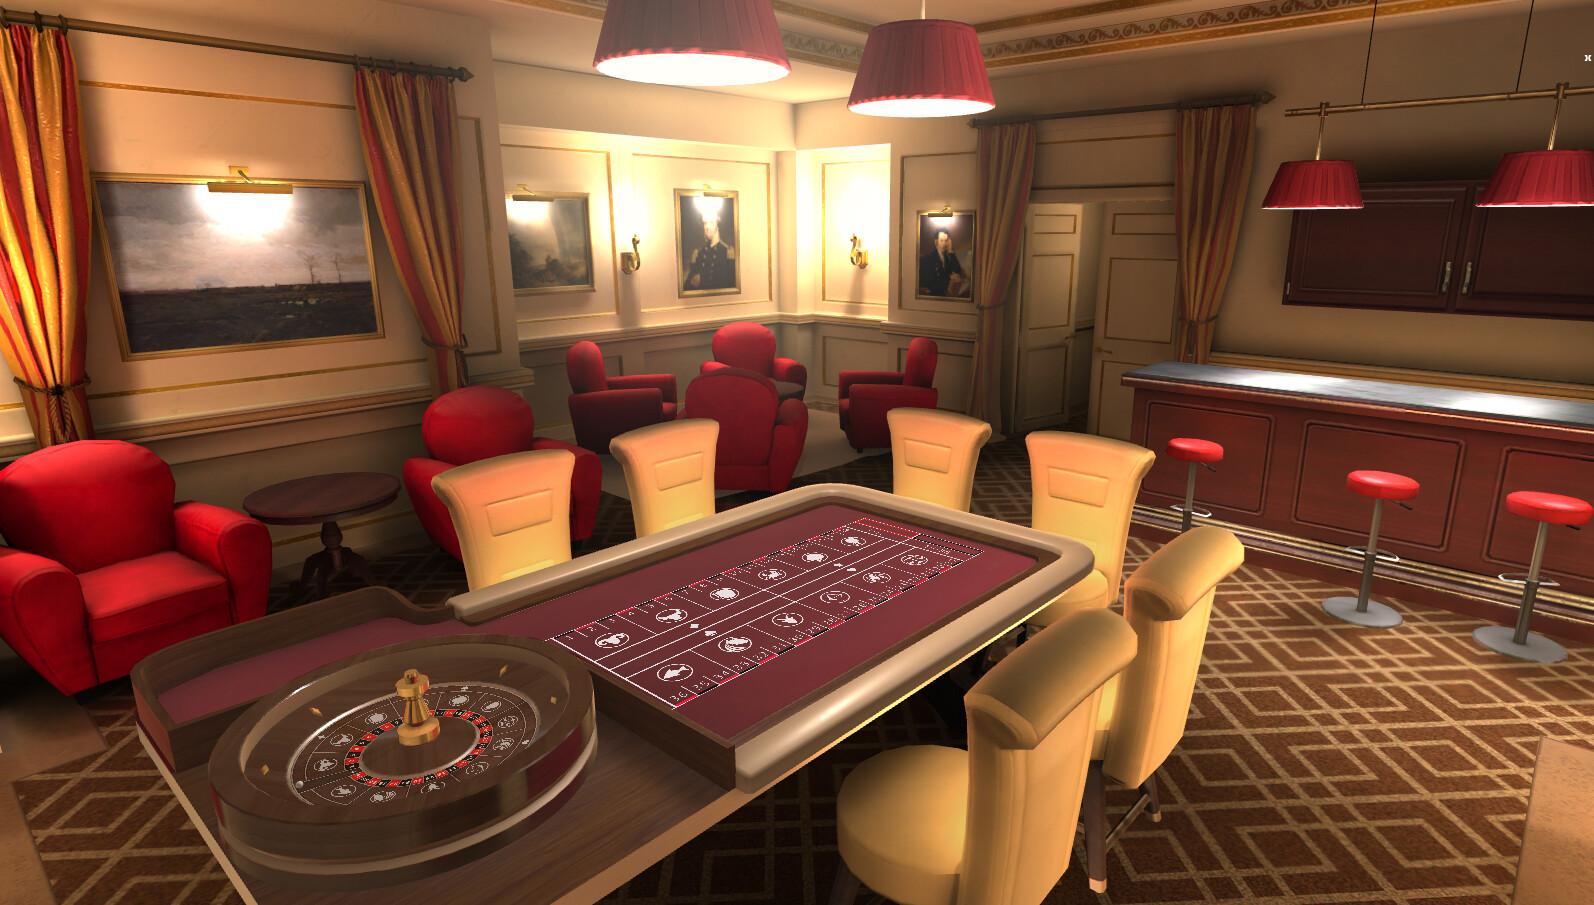 Ben lucas 2018 10 casino environment